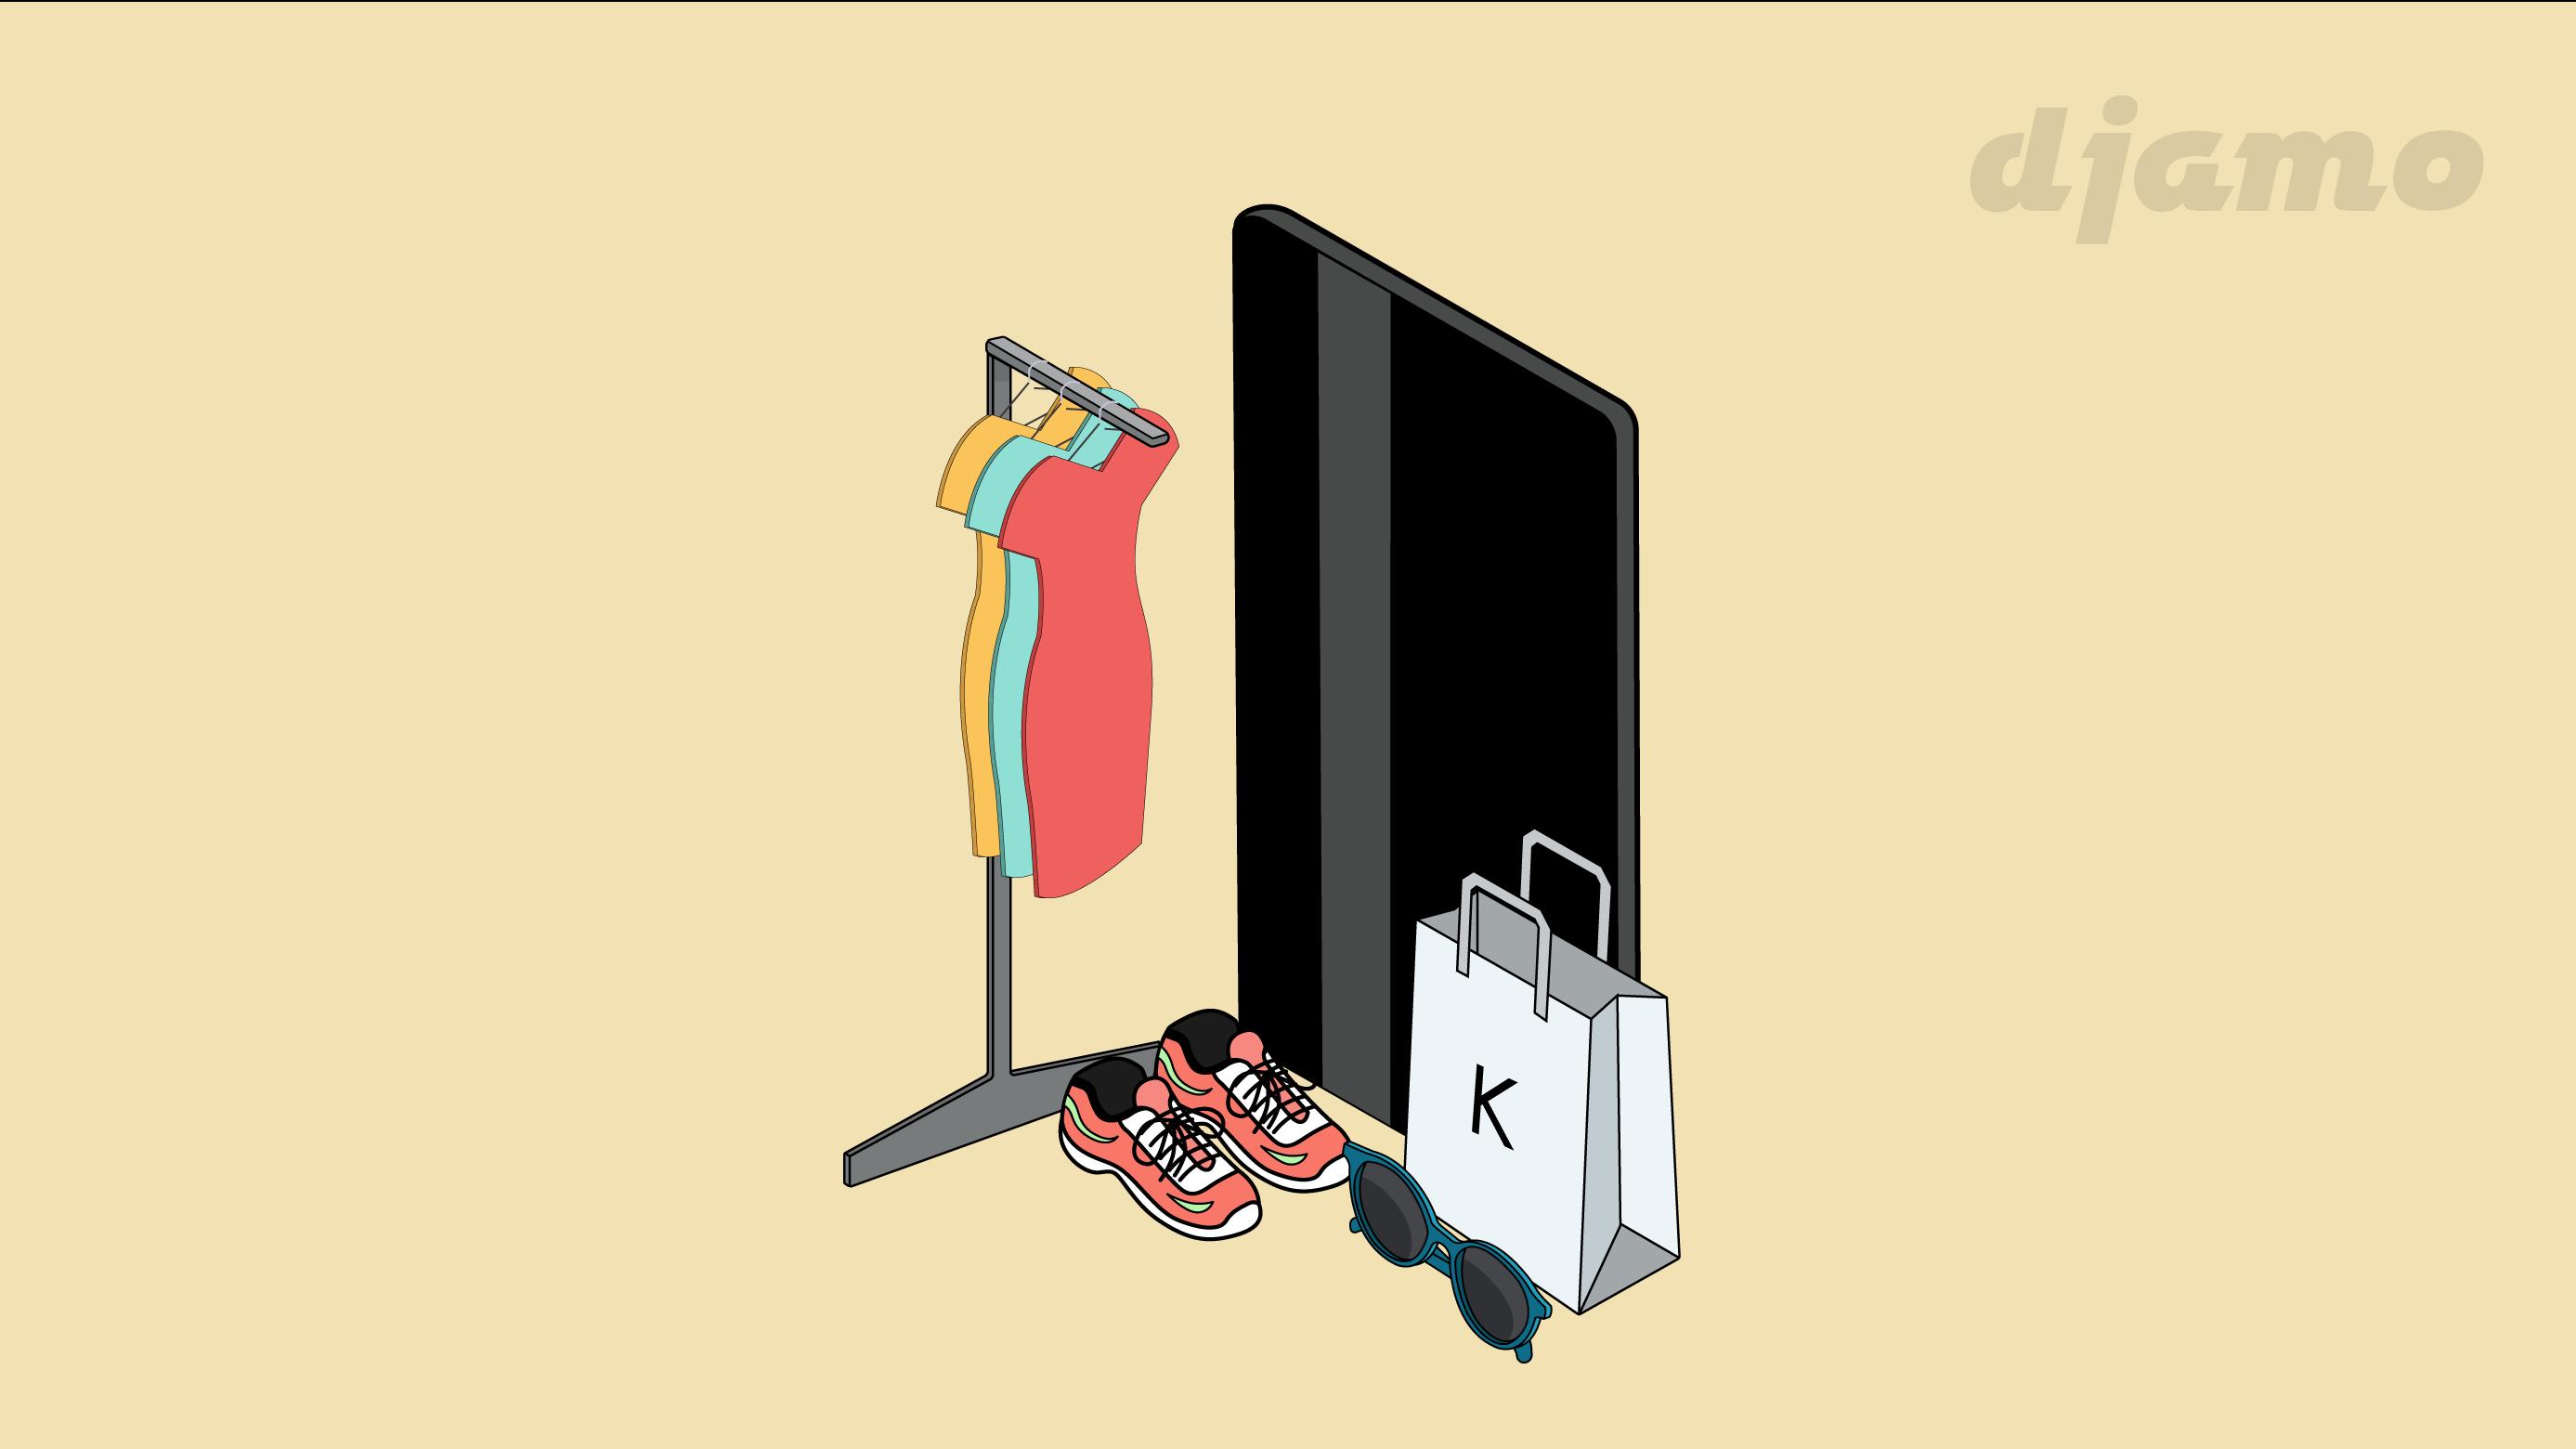 Achetez à petits prix sur Kiabi avec la carte Djamo